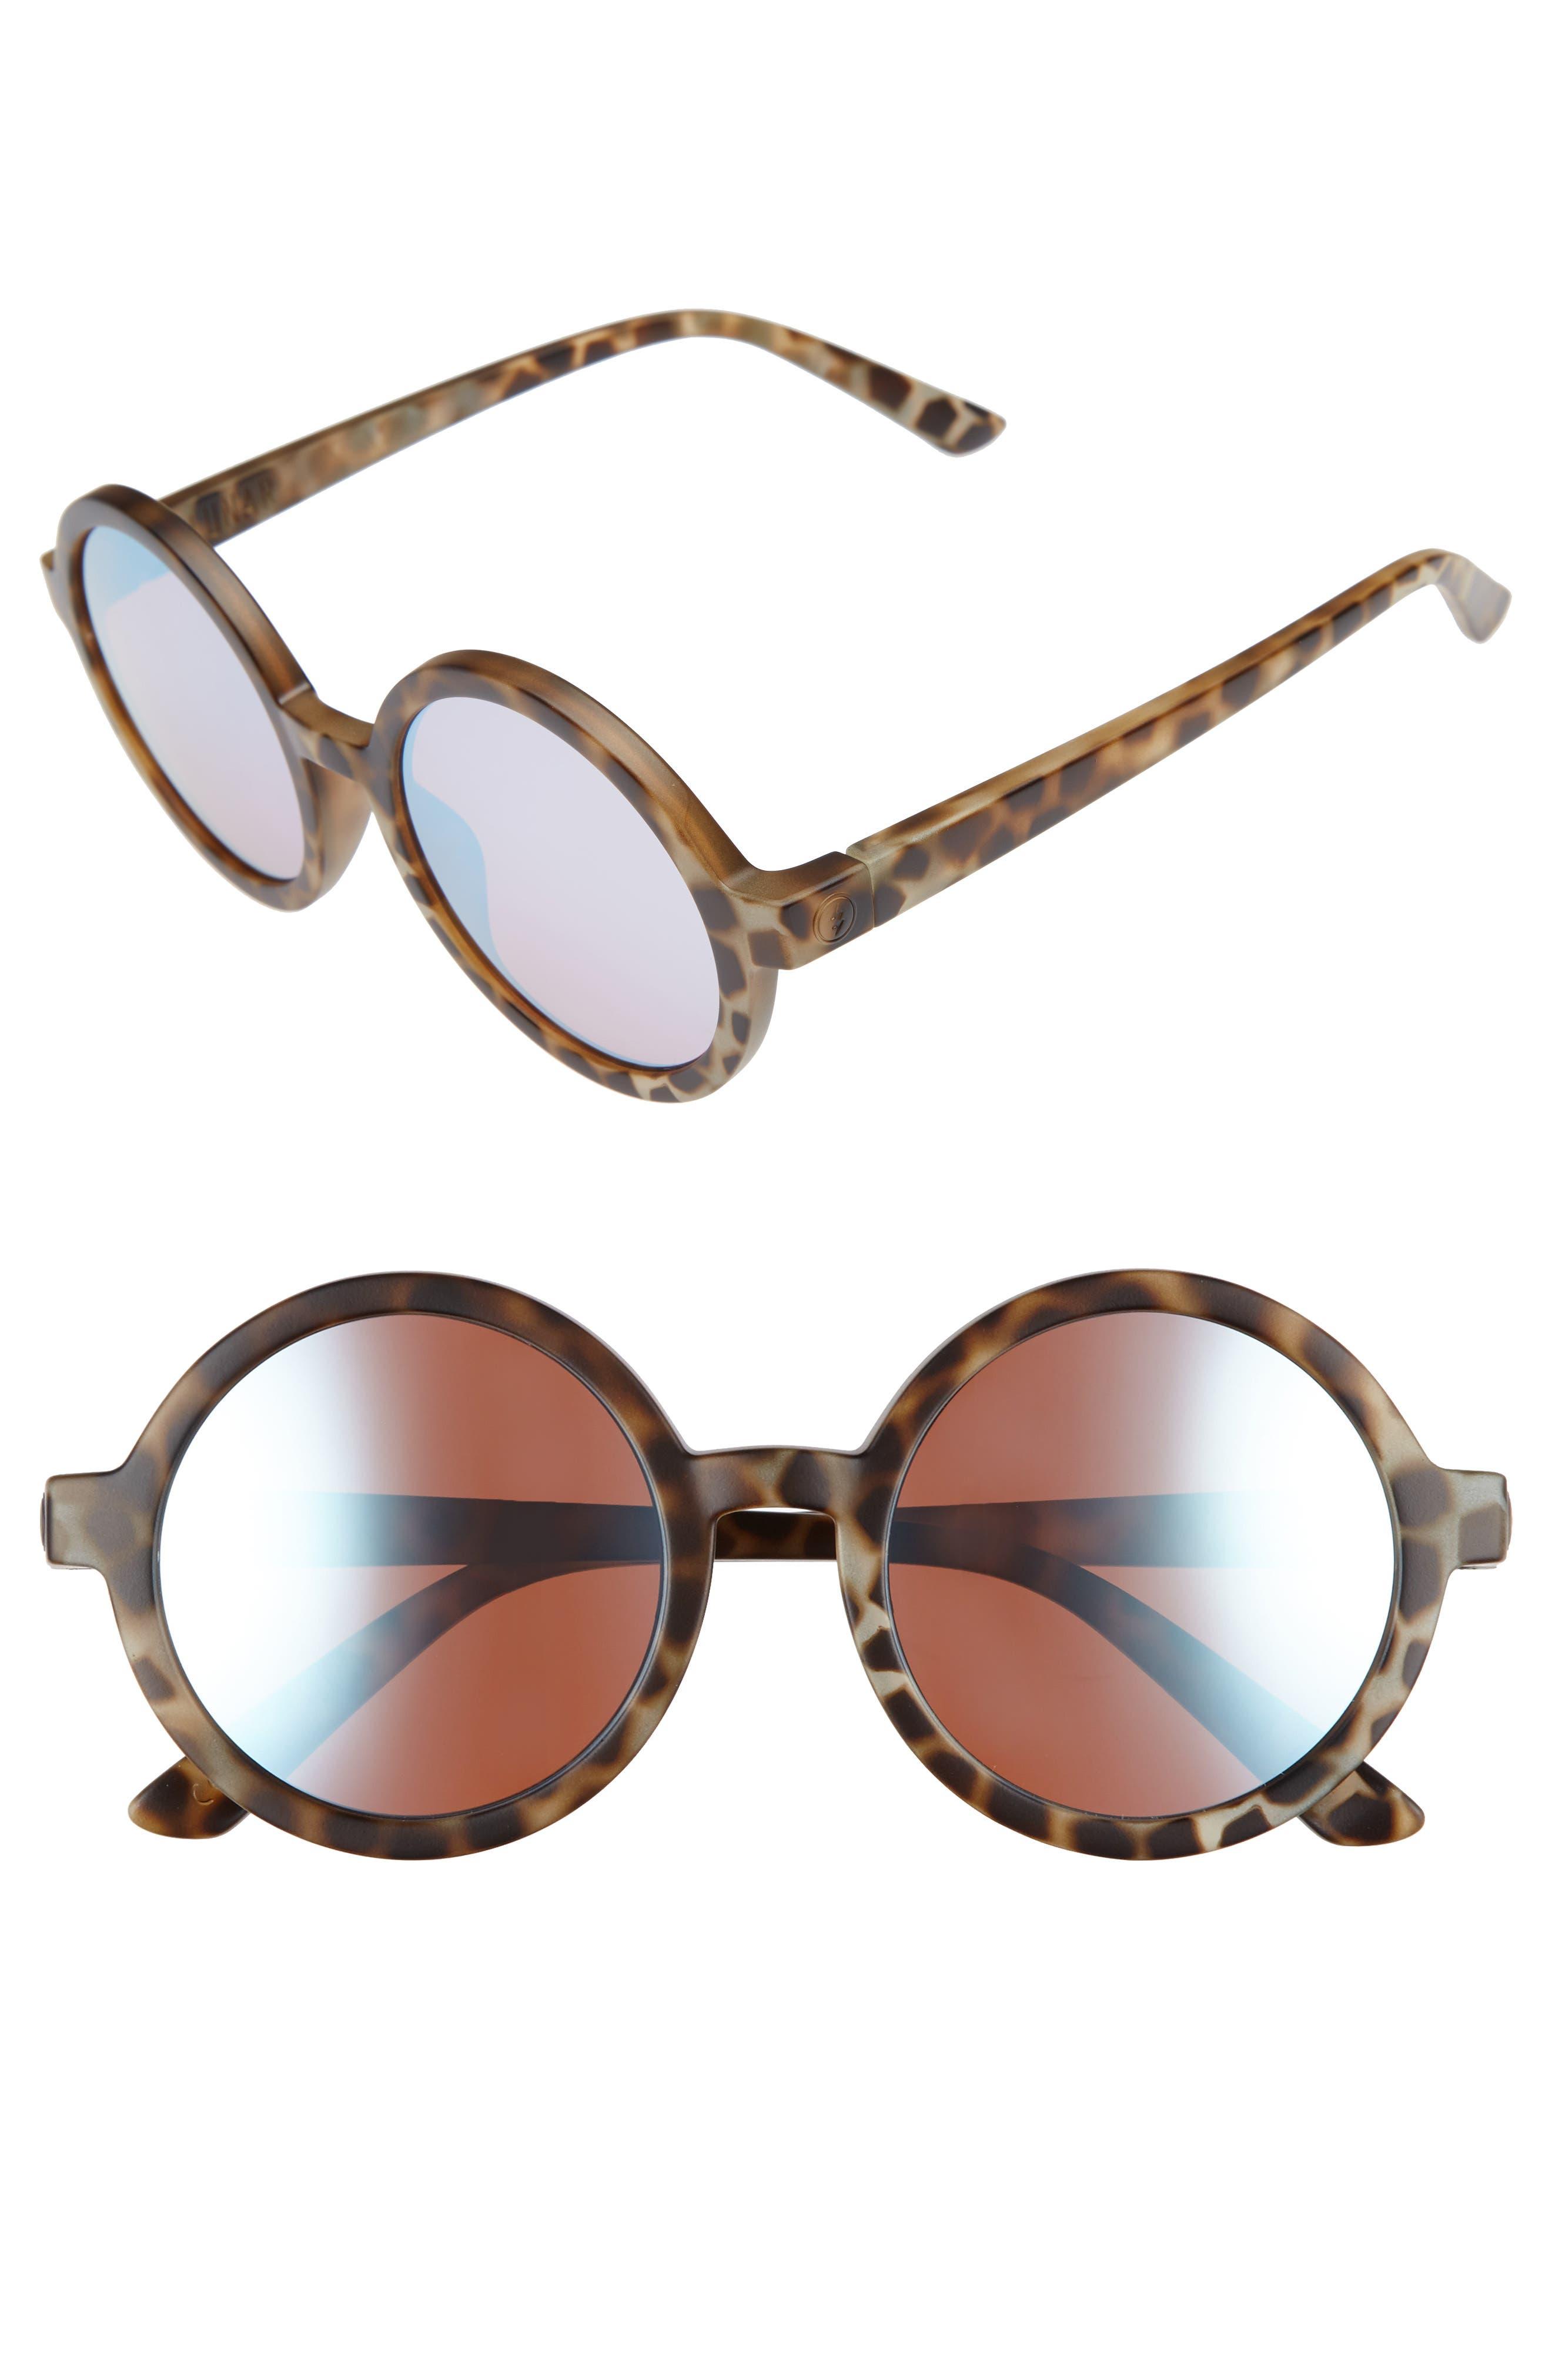 Lunar 52mm Round Sunglasses,                         Main,                         color, Nude Tortoise/ Sky Chrome